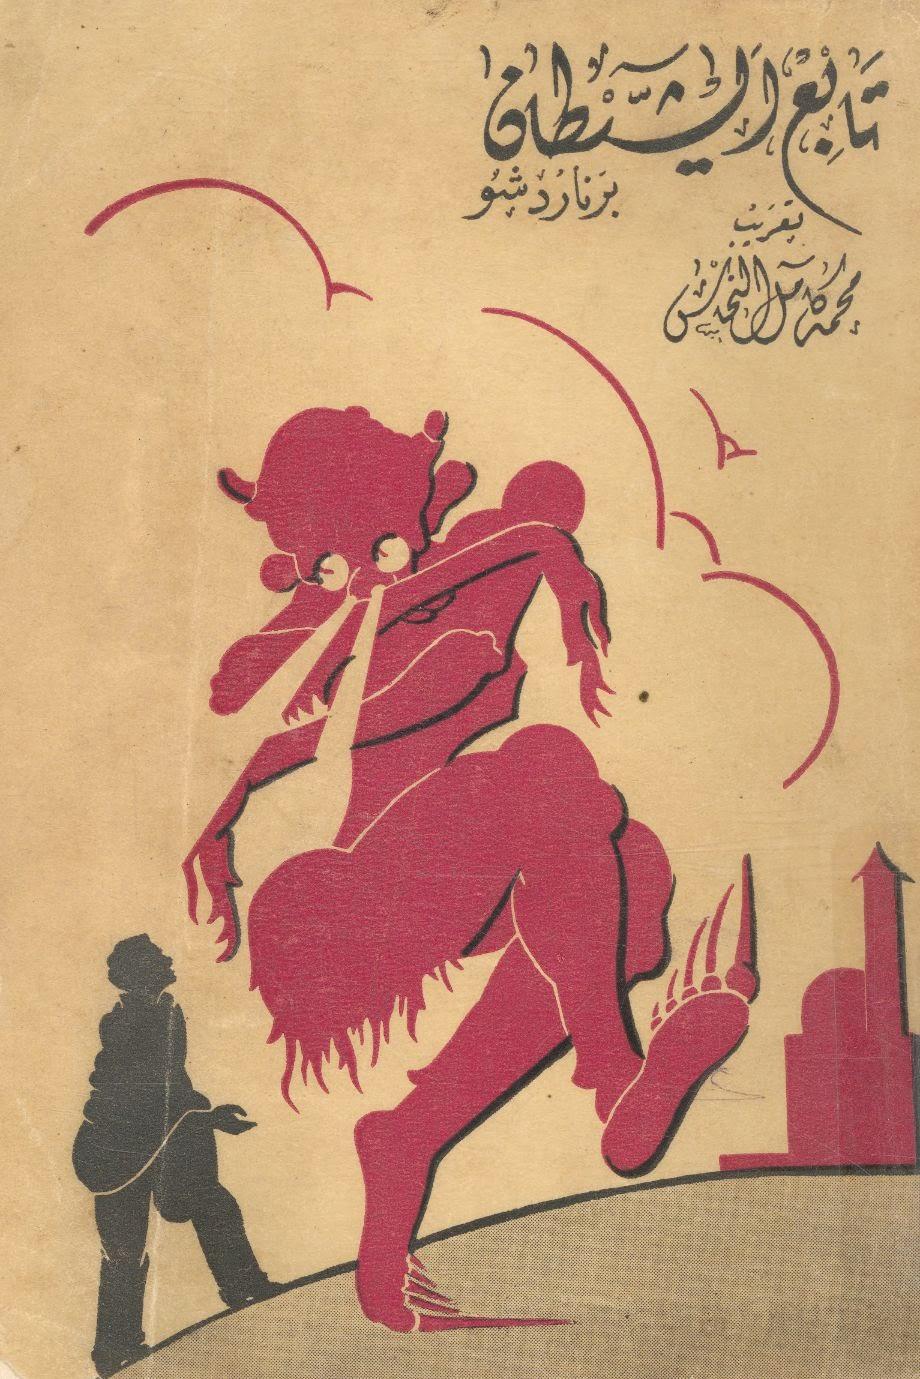 كتاب تابع الشيطان لـ جورج برنارد شو